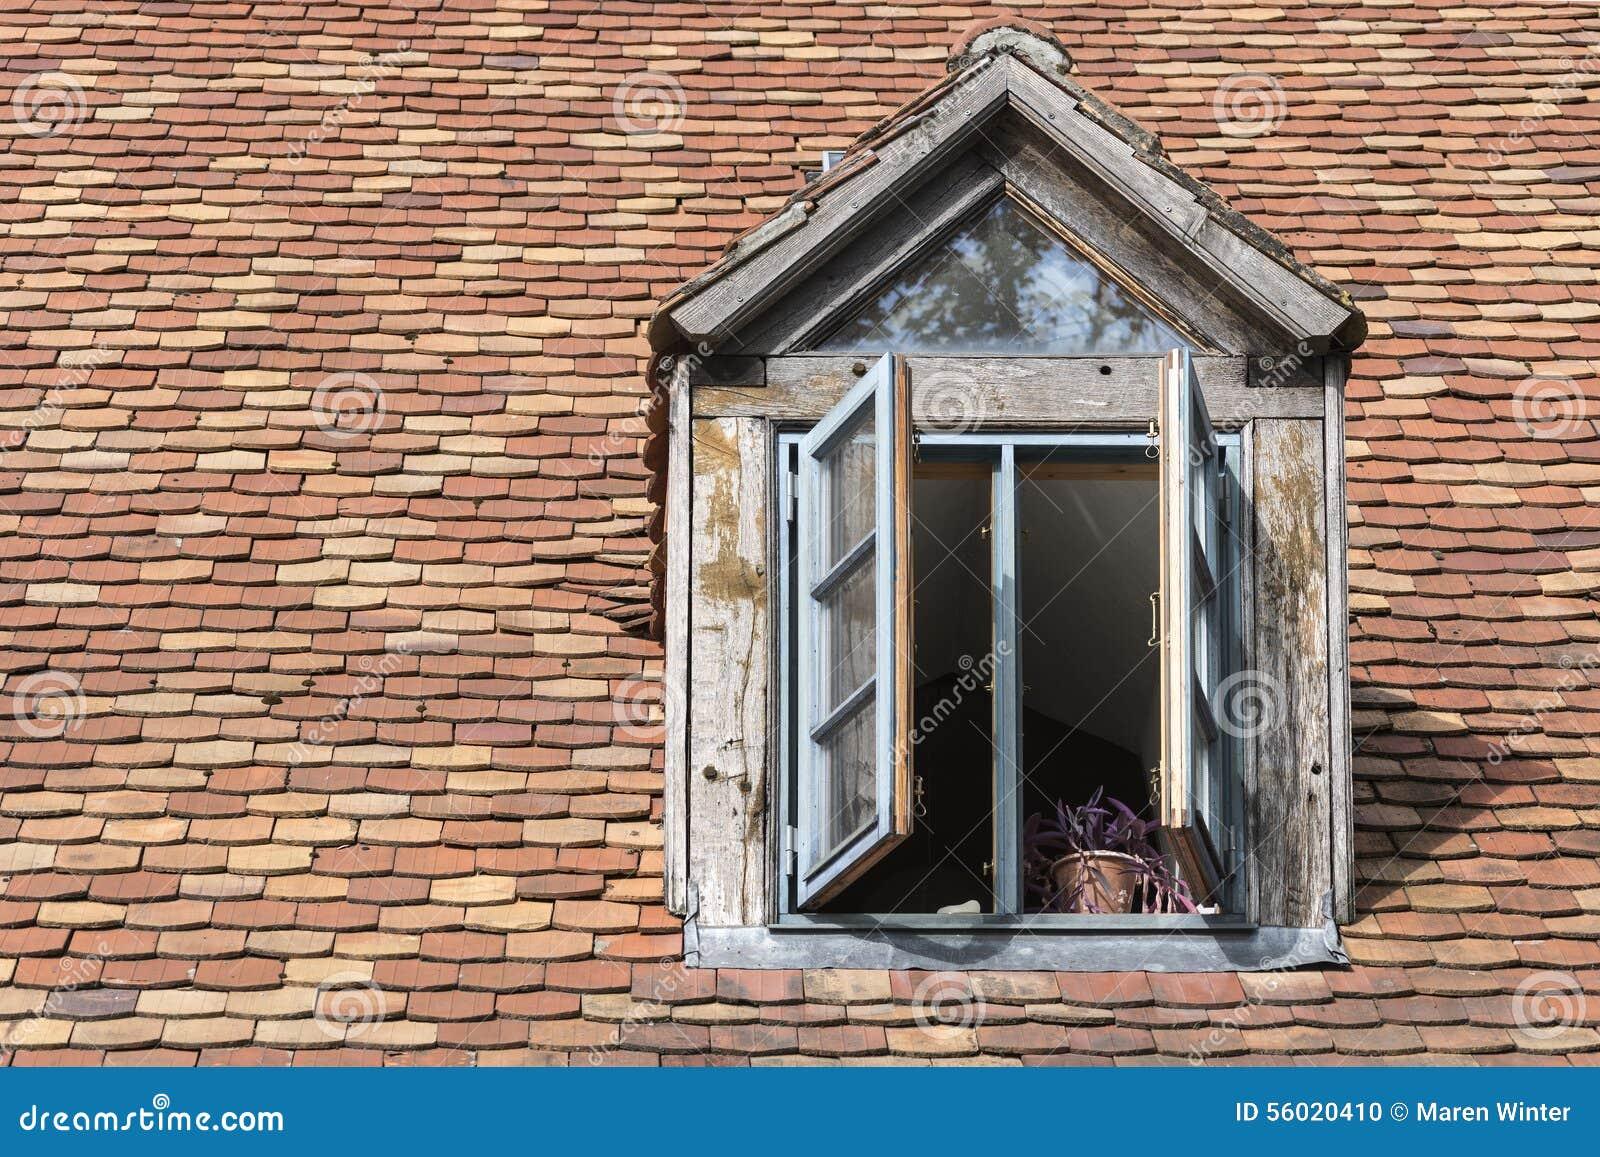 Offenes fenster im winter  Offenes Fenster In Einem Alten Mansardenfenster Auf Einem Dach Mit ...